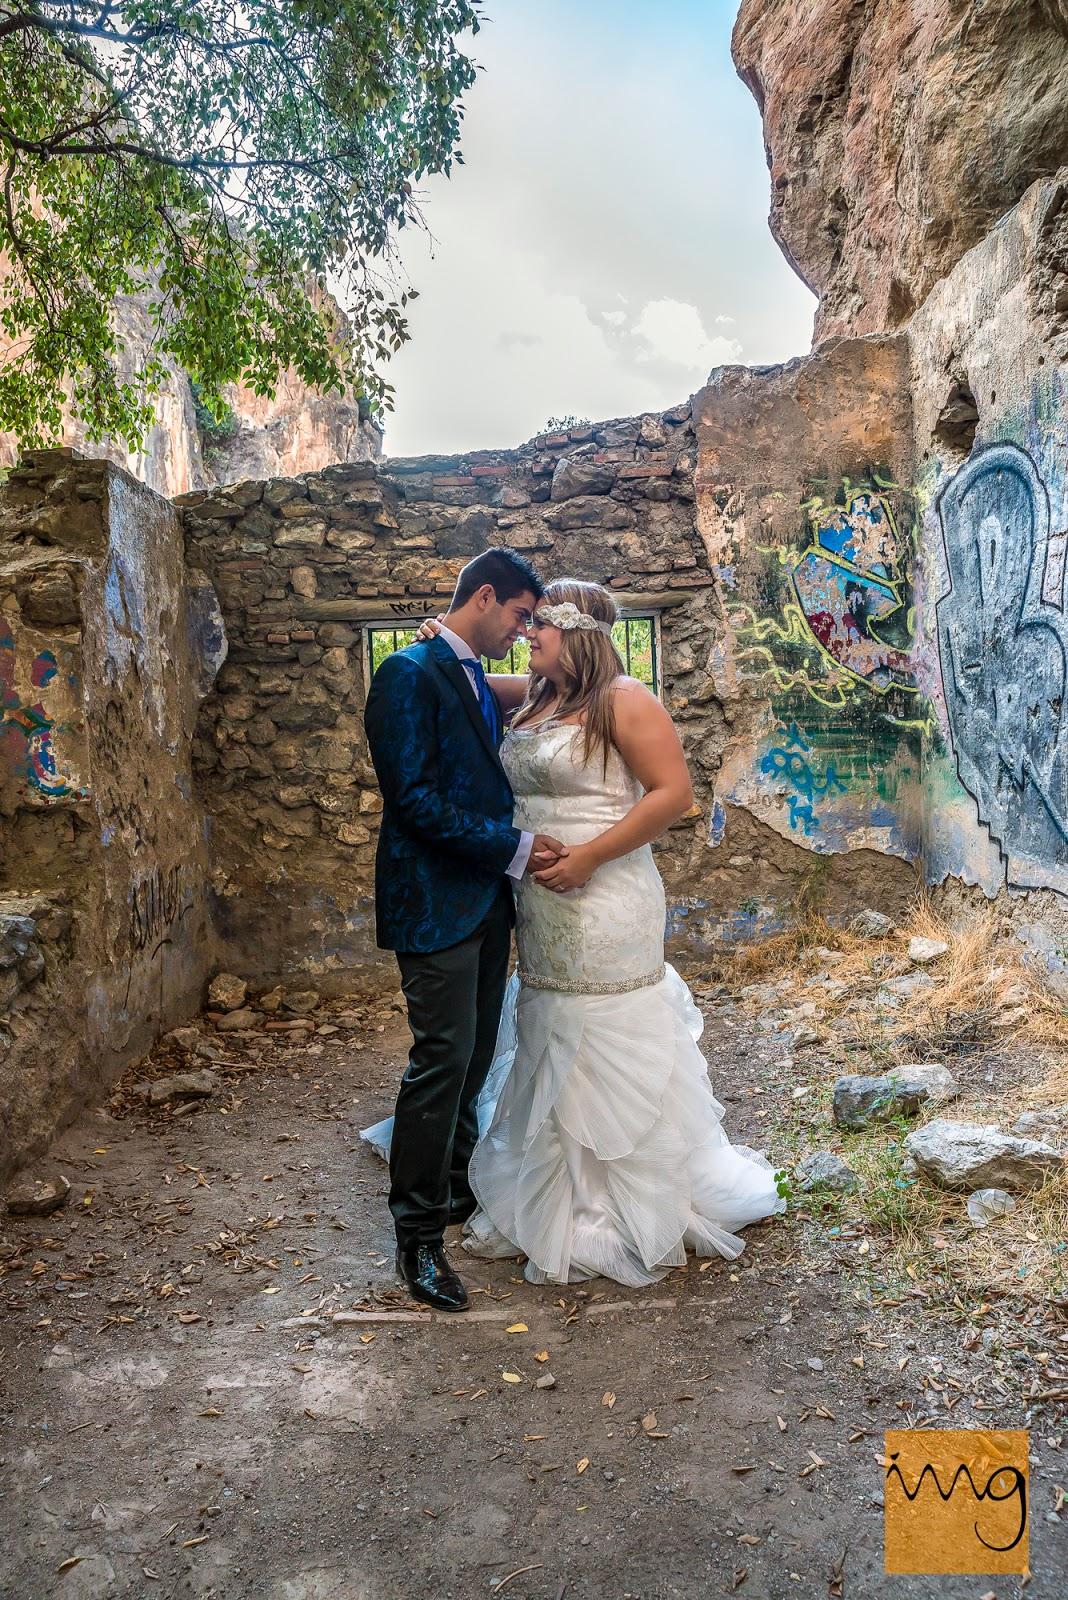 Fotografía de boda en los escombros de una choza de campo